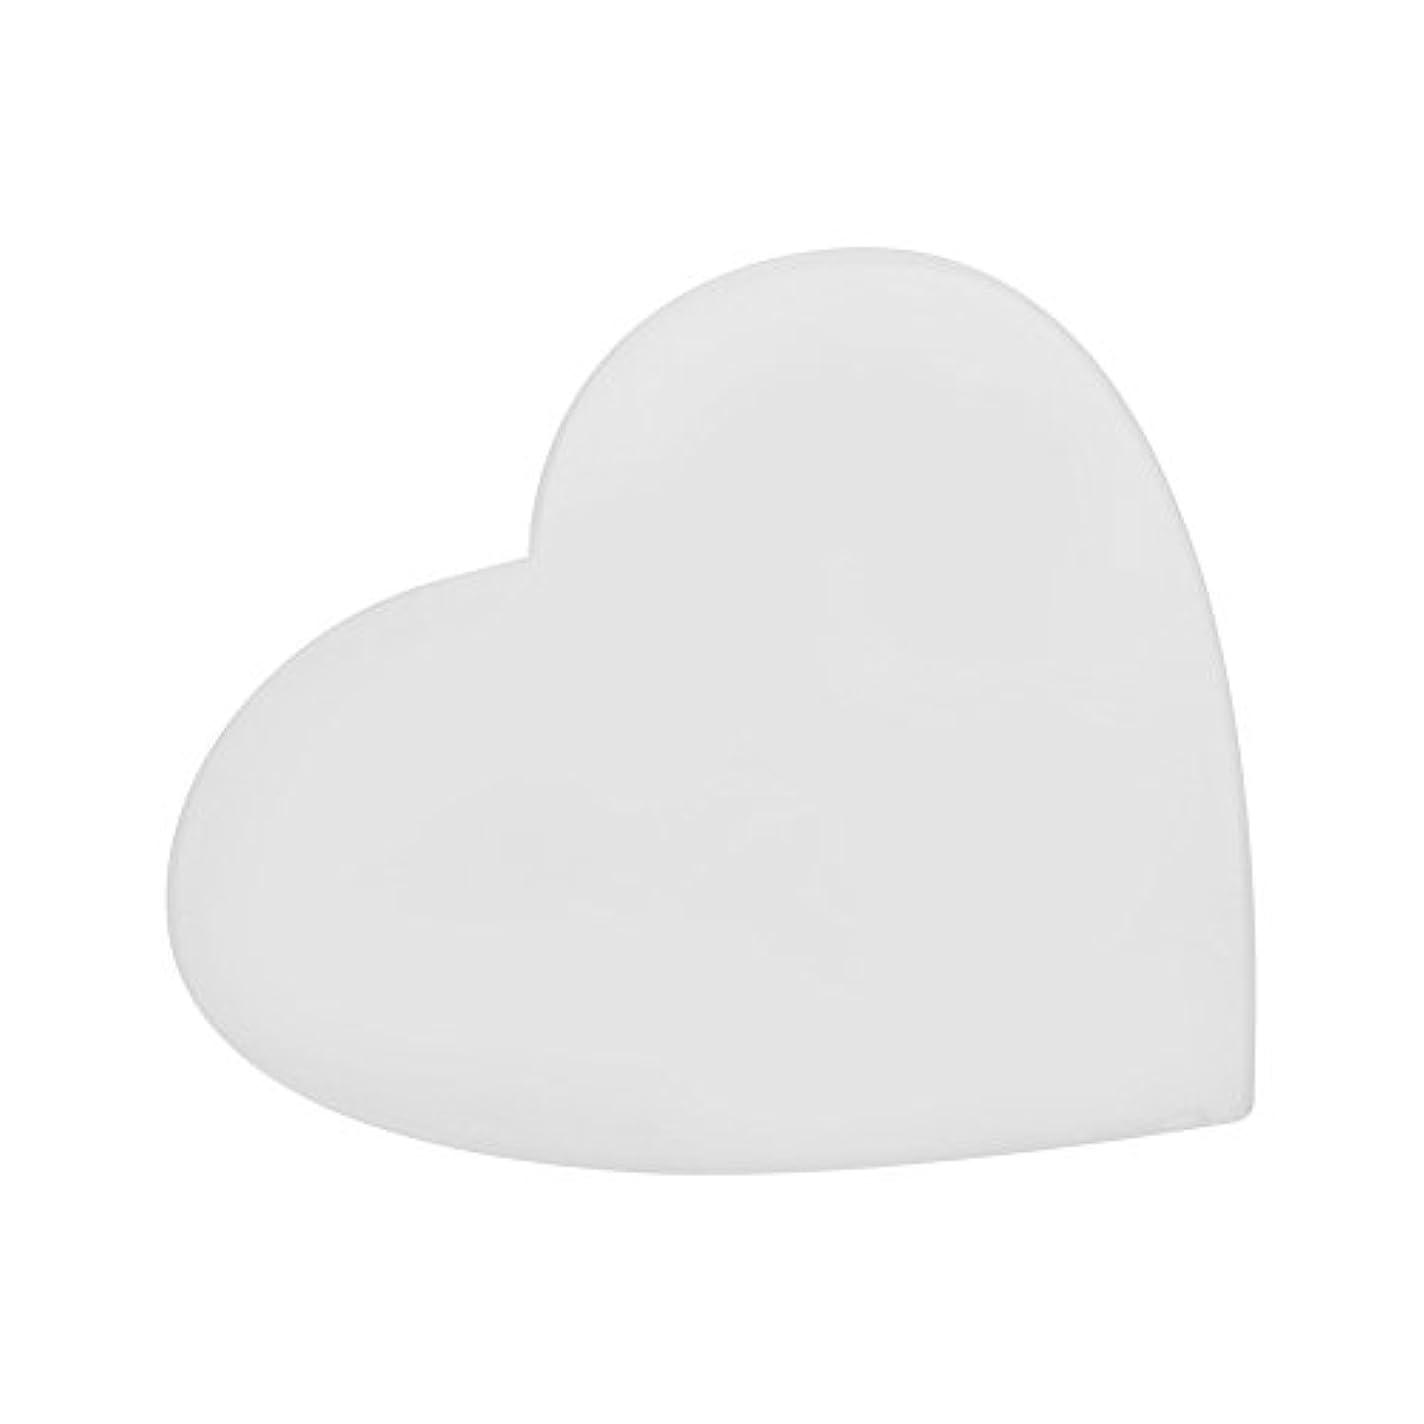 財団オペレーター原因乳房ケア用シリコンチェストパッド